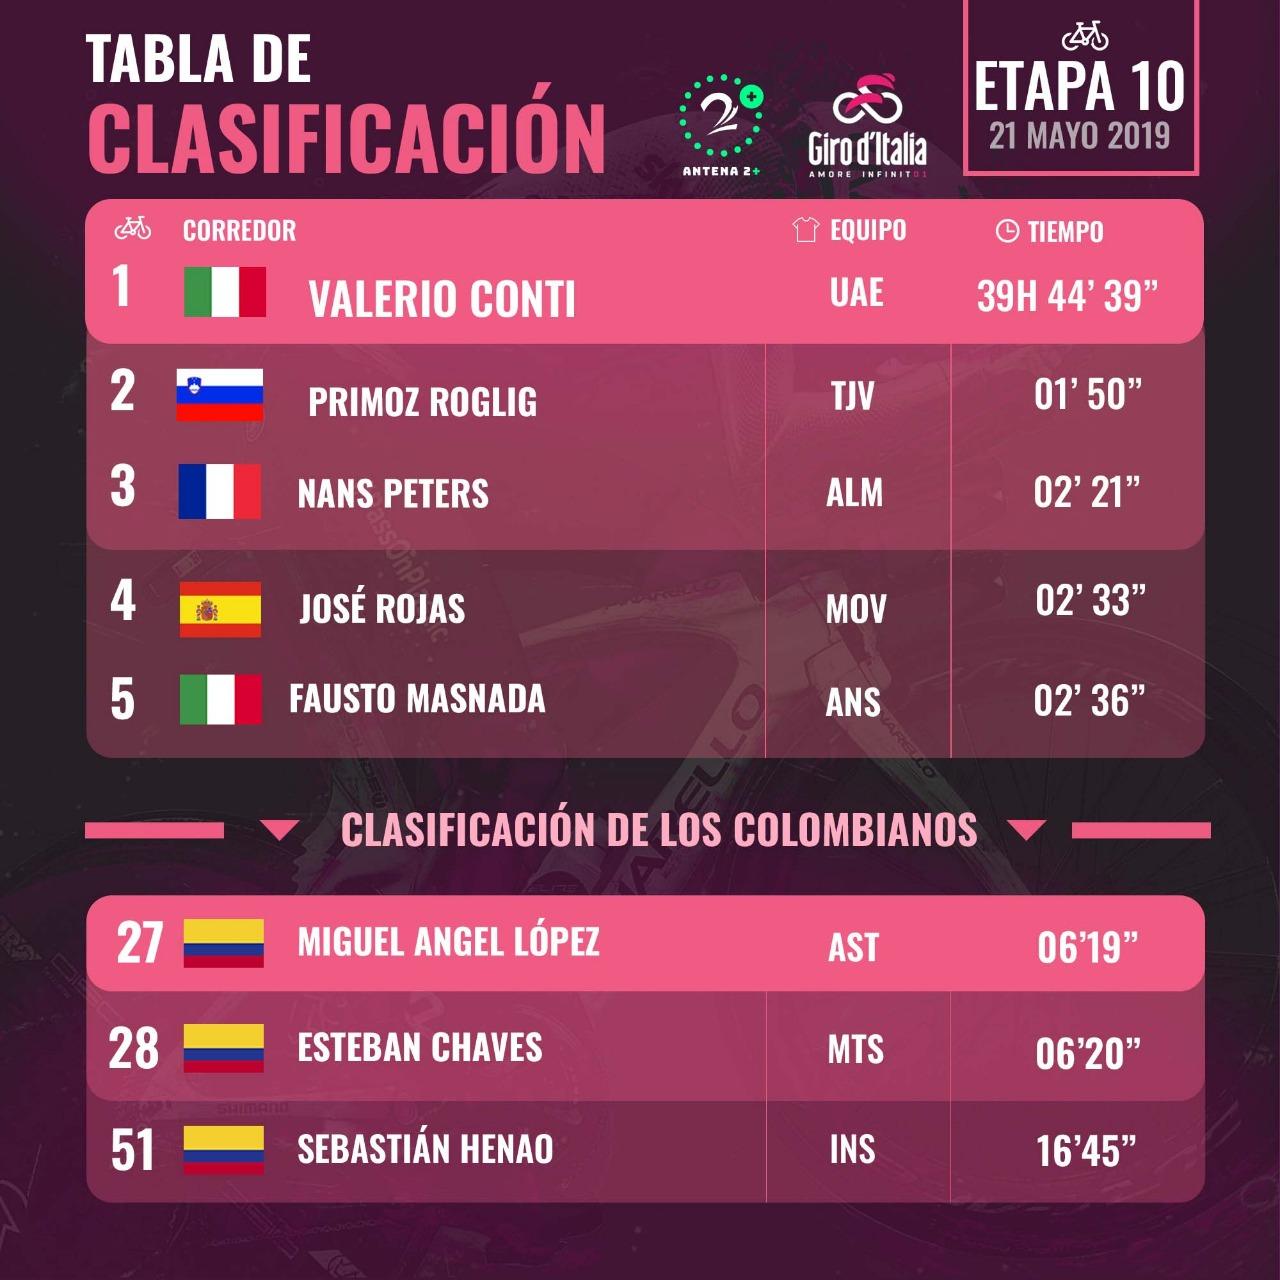 Clasificación Giro de Italia - Etapa 10